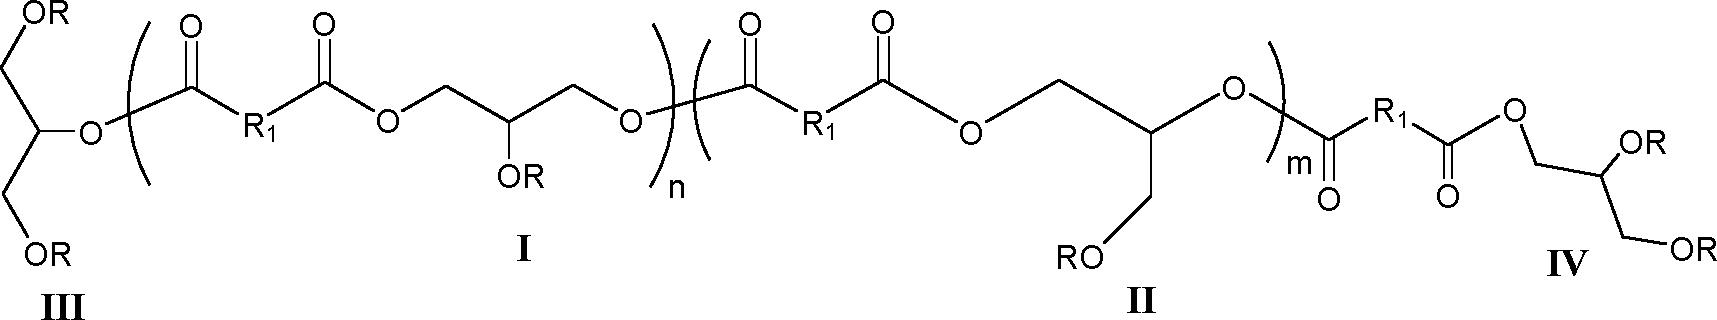 Figure DE102016209454A1_0002